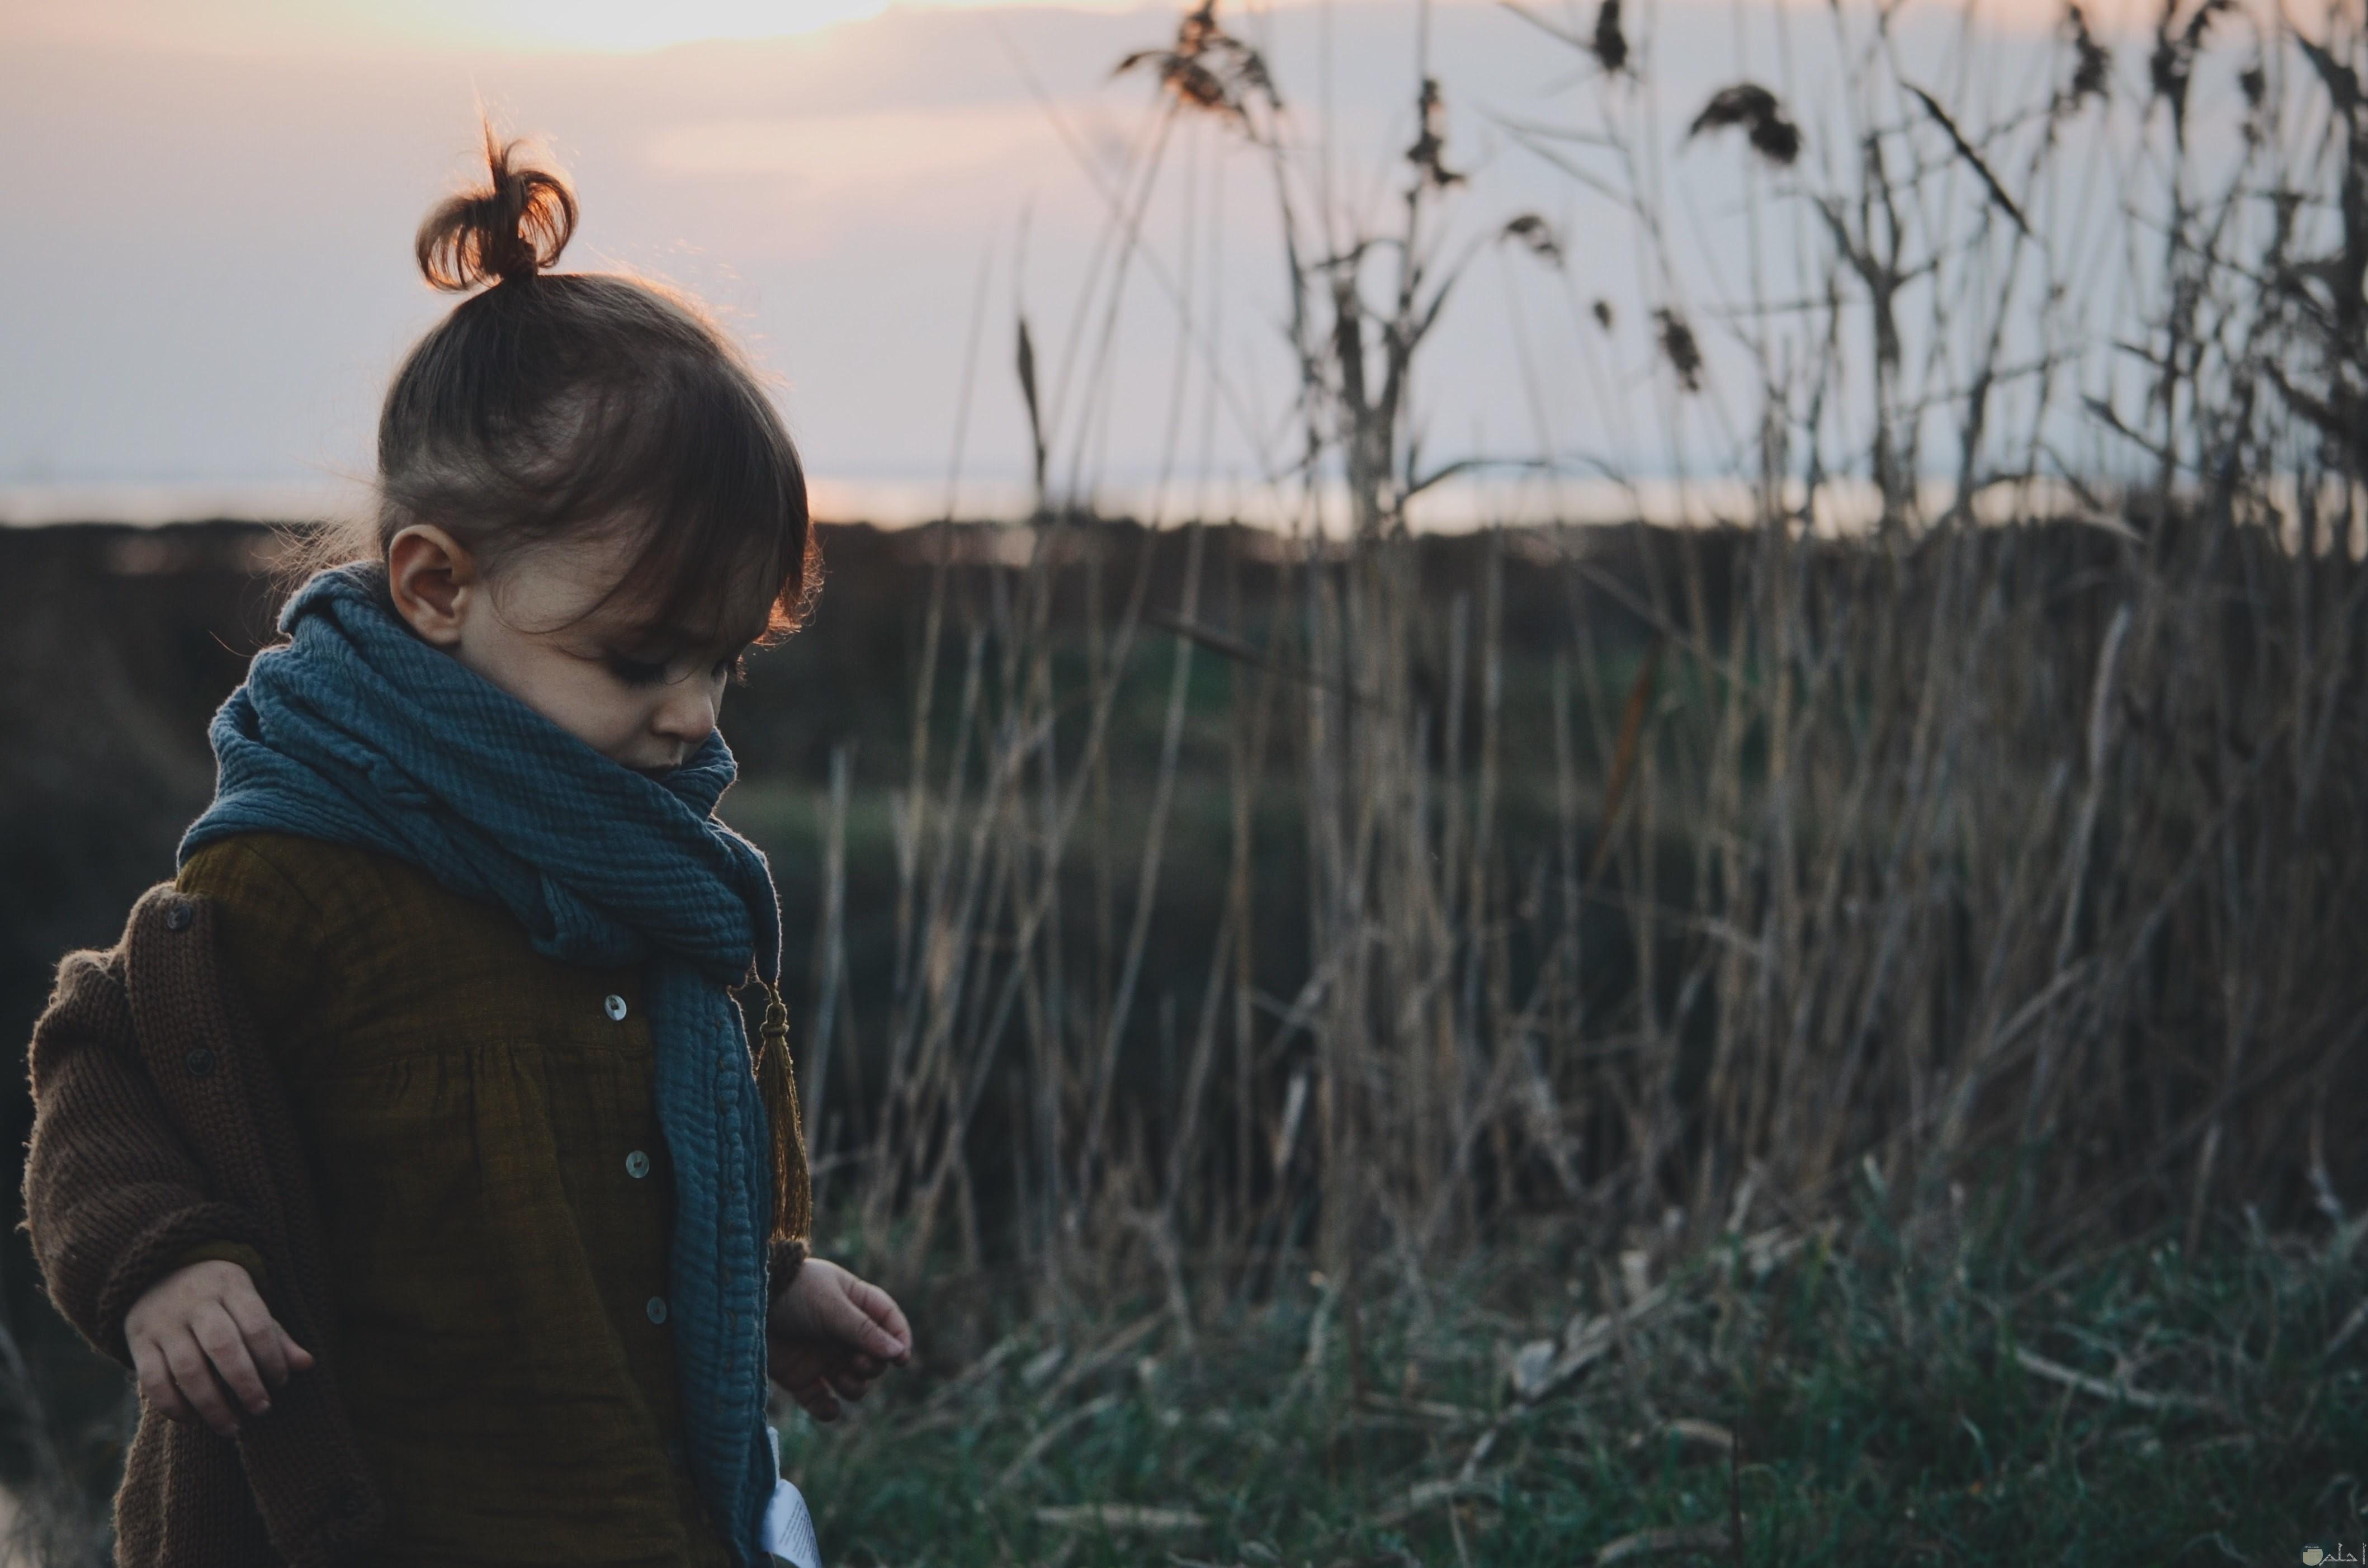 بنت تنظر للارض وسط الغاب